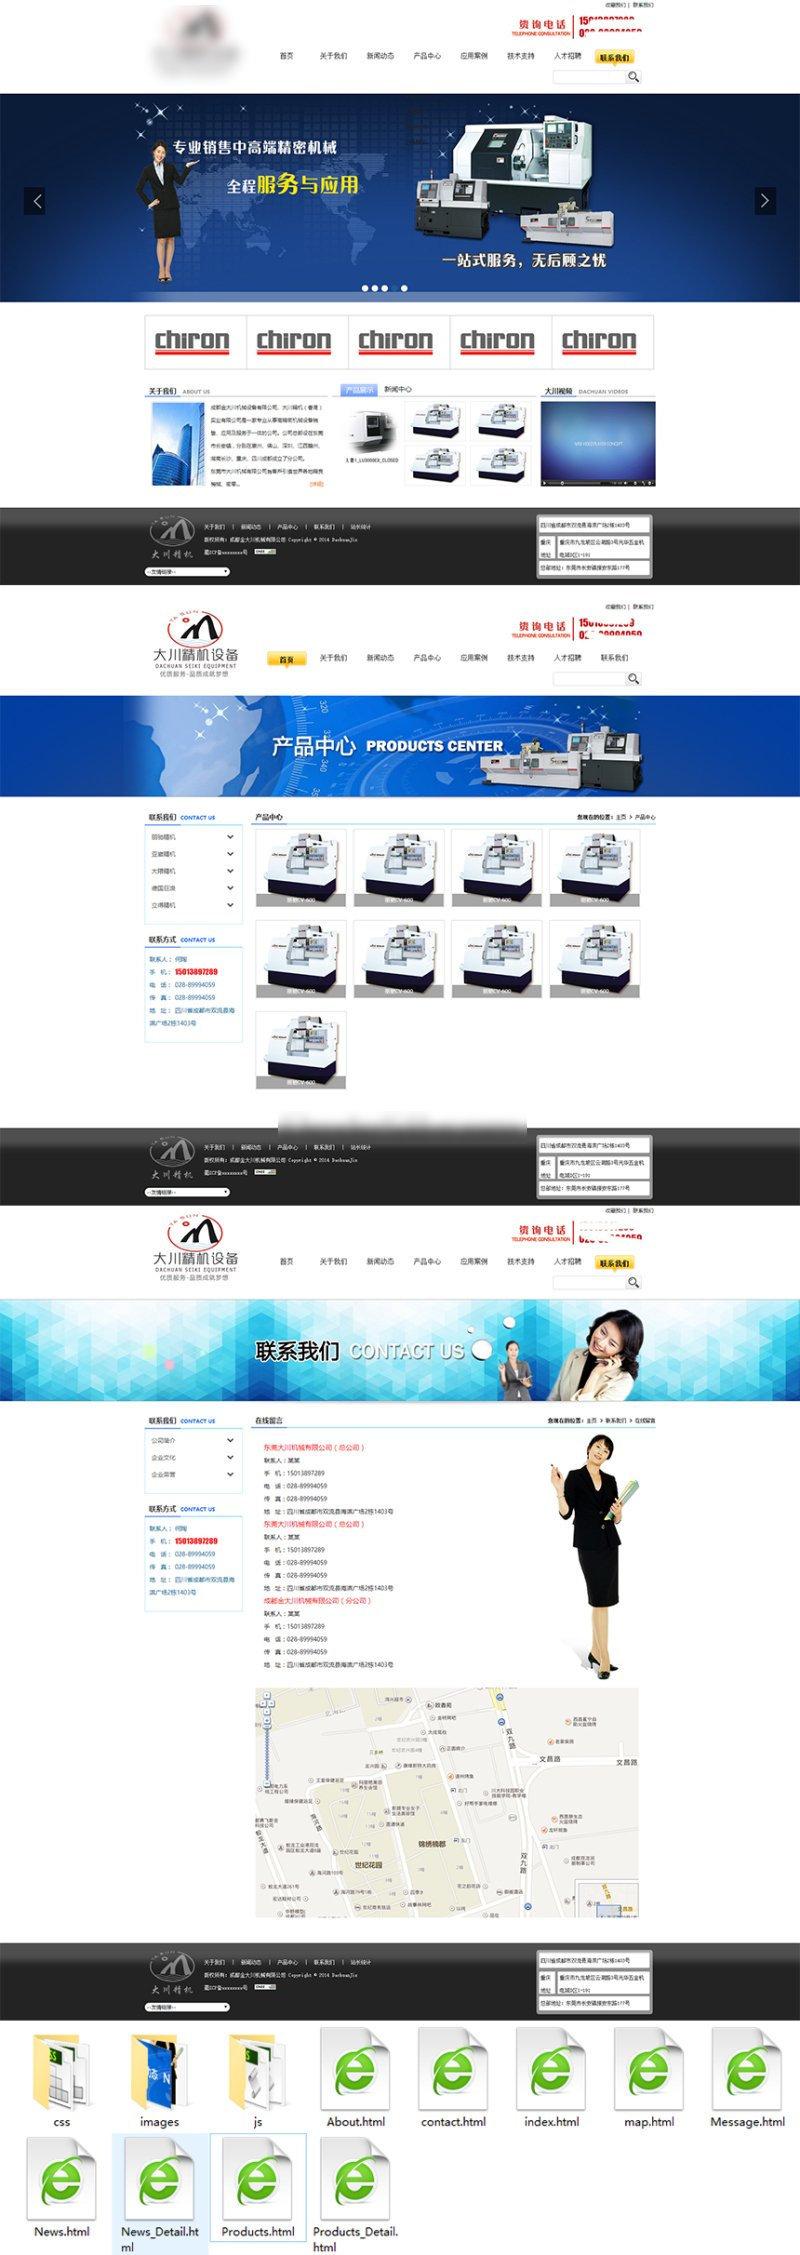 黑色的机械设备网站企业模板html下载